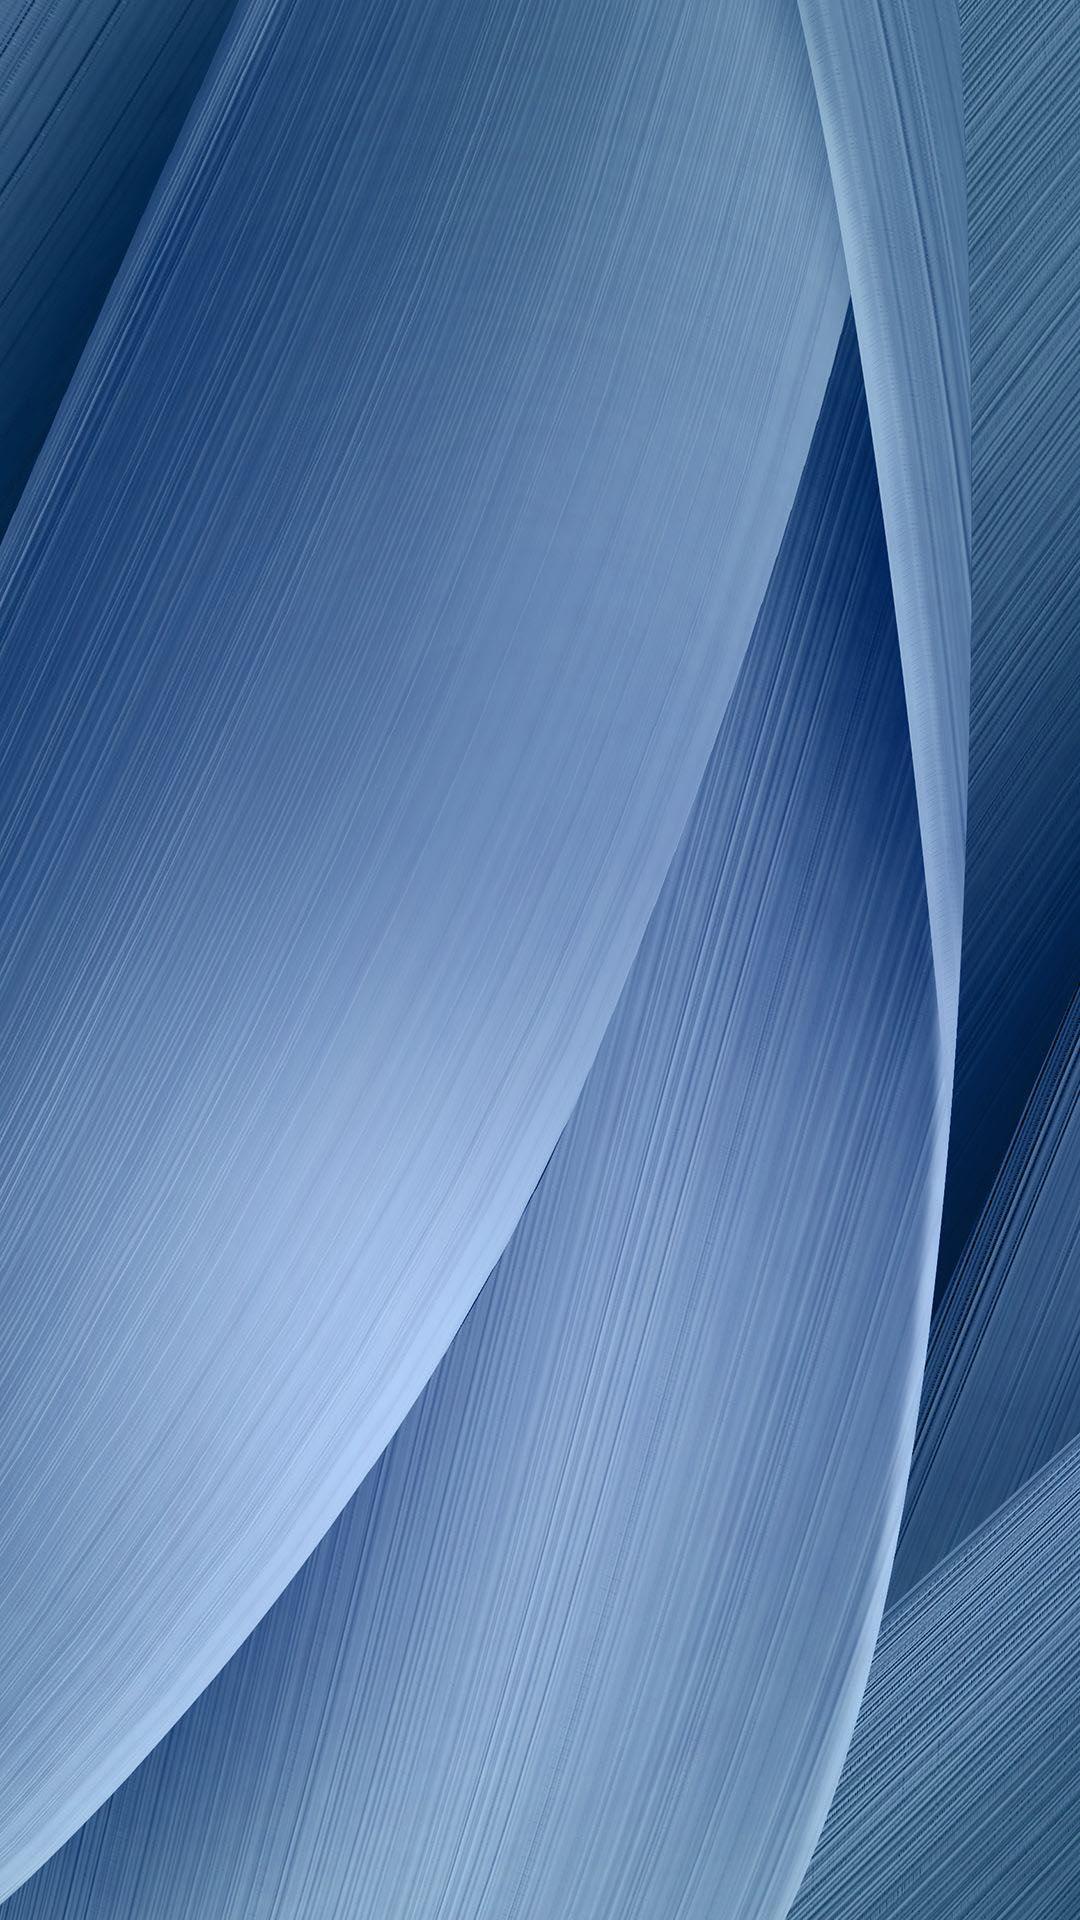 Love Wallpaper For Zenfone 5 : ??? ?????? HTc ??? ?? ?? HD ????? ?????? ?????? ???????